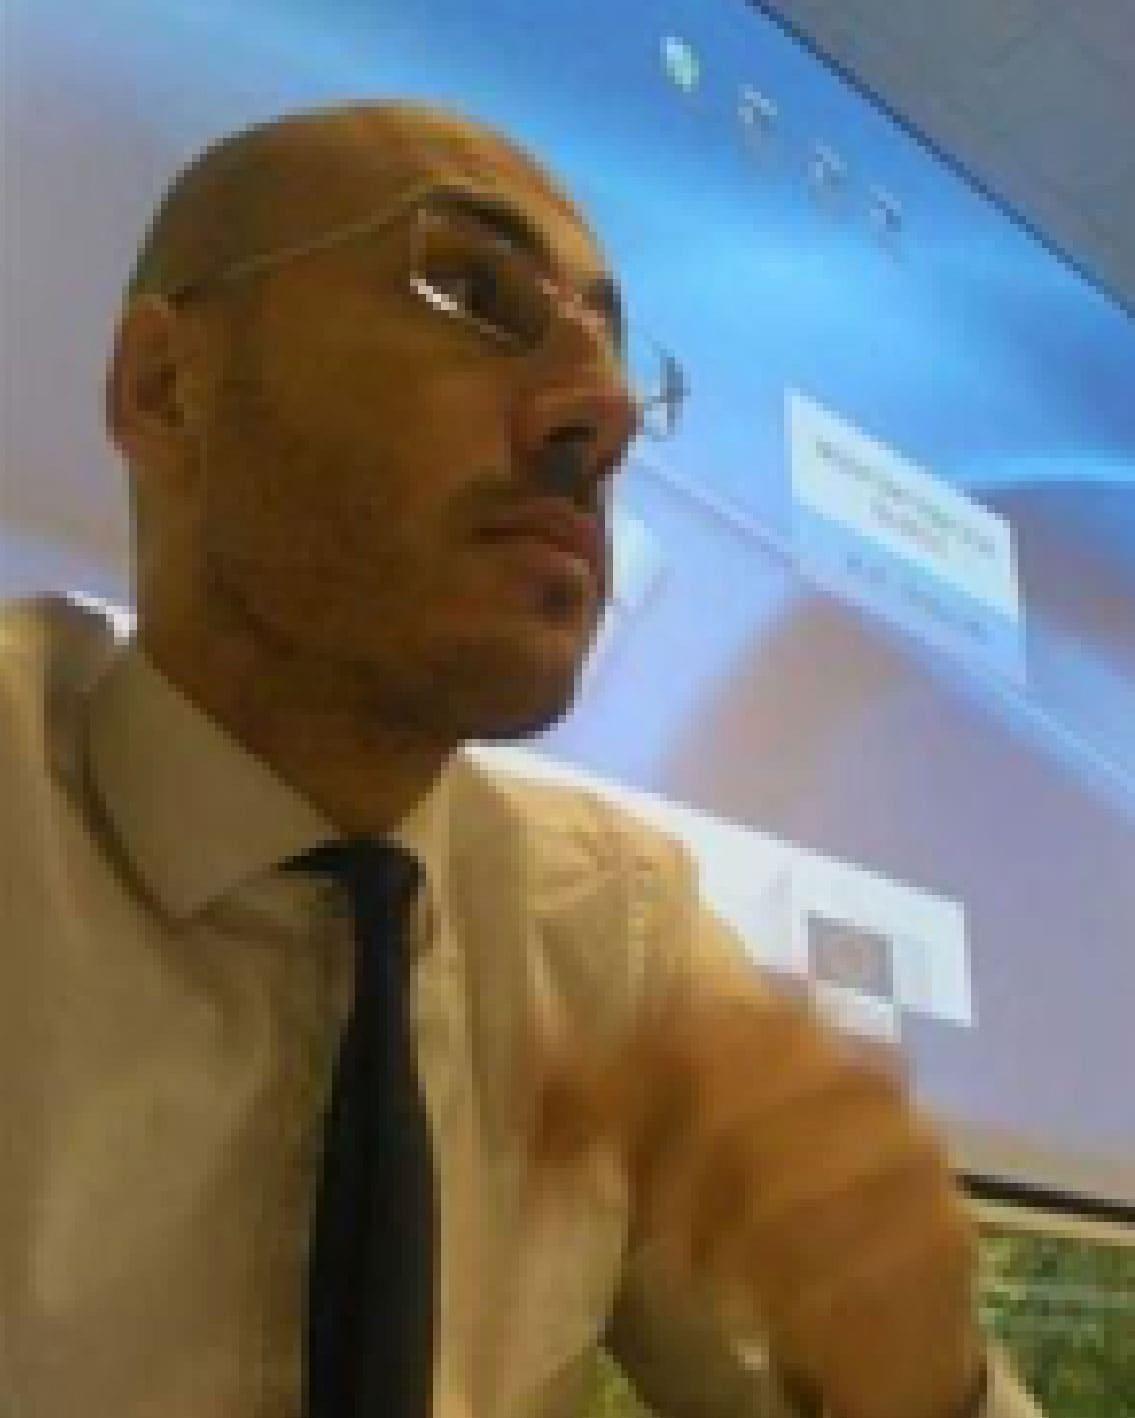 Carmine Apice